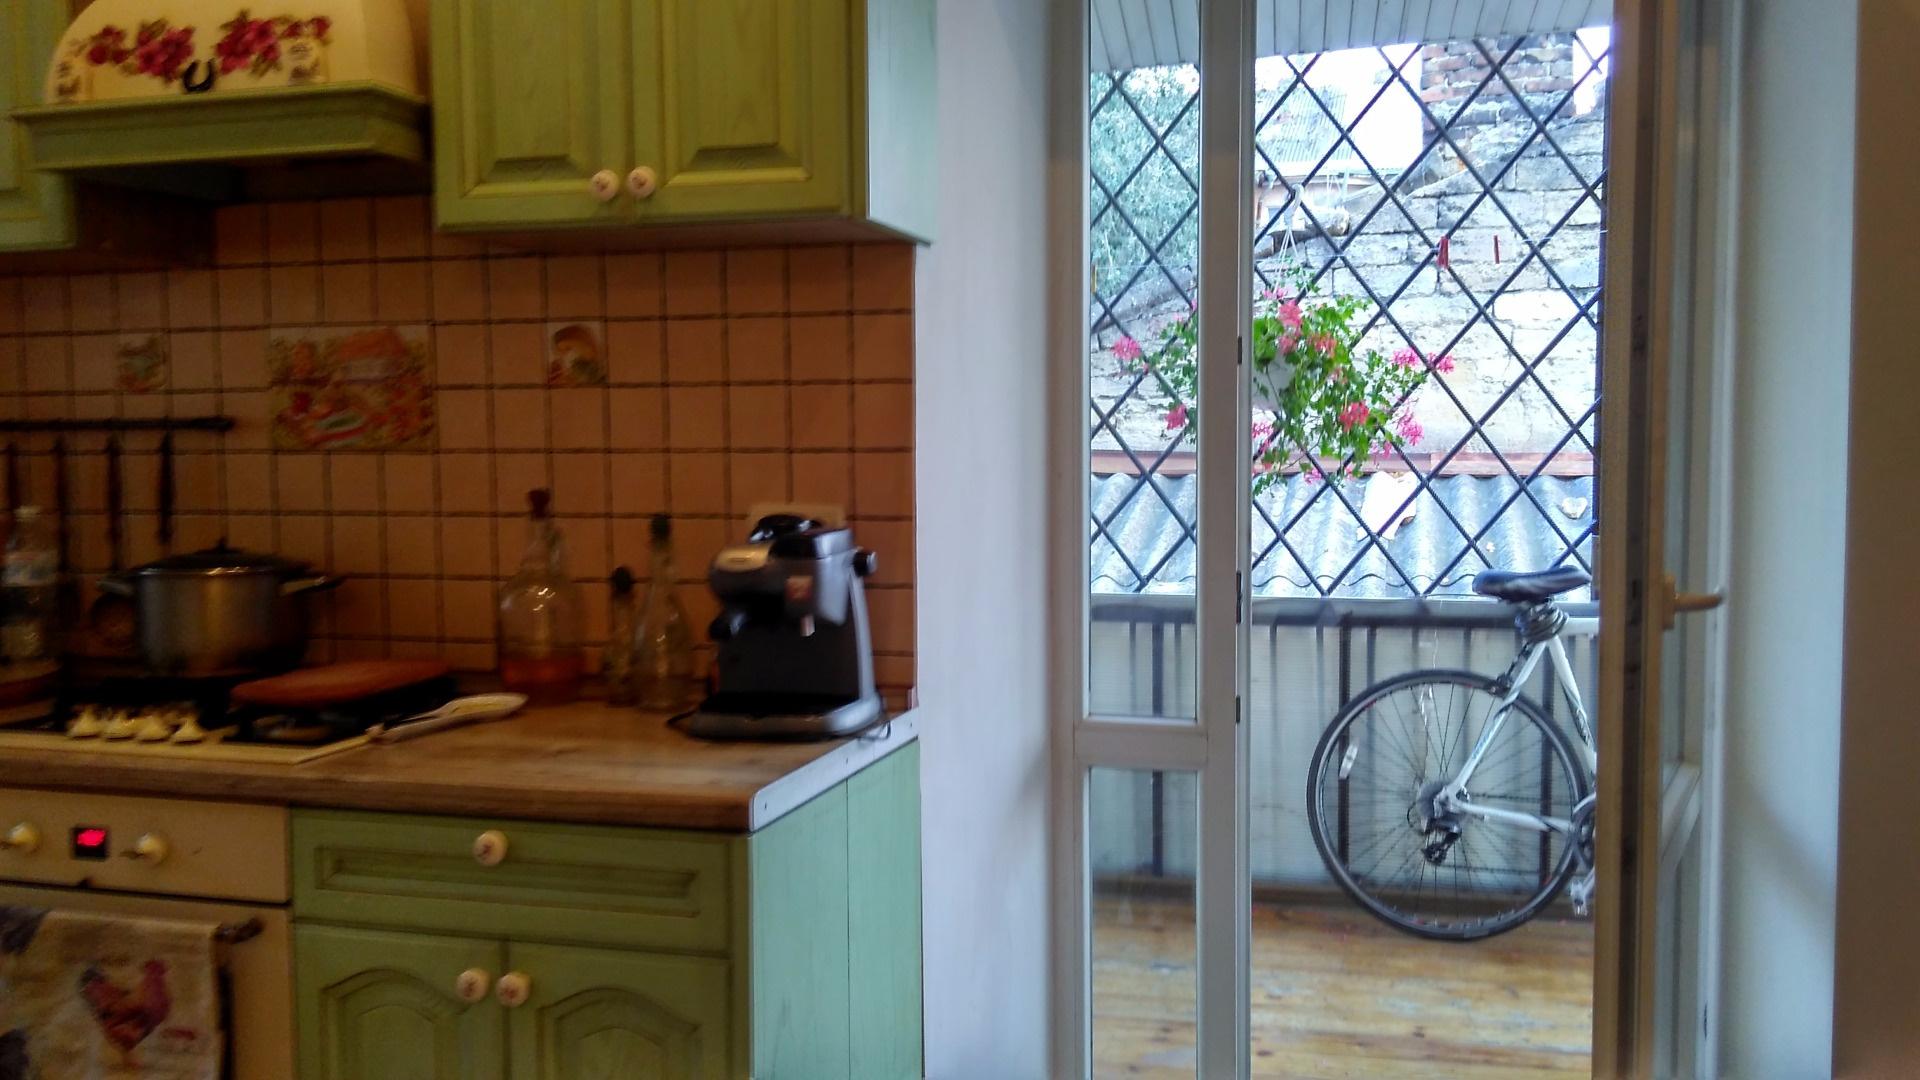 Продается 3-комнатная квартира на ул. Малая Арнаутская (Воровского) — 130 000 у.е. (фото №15)